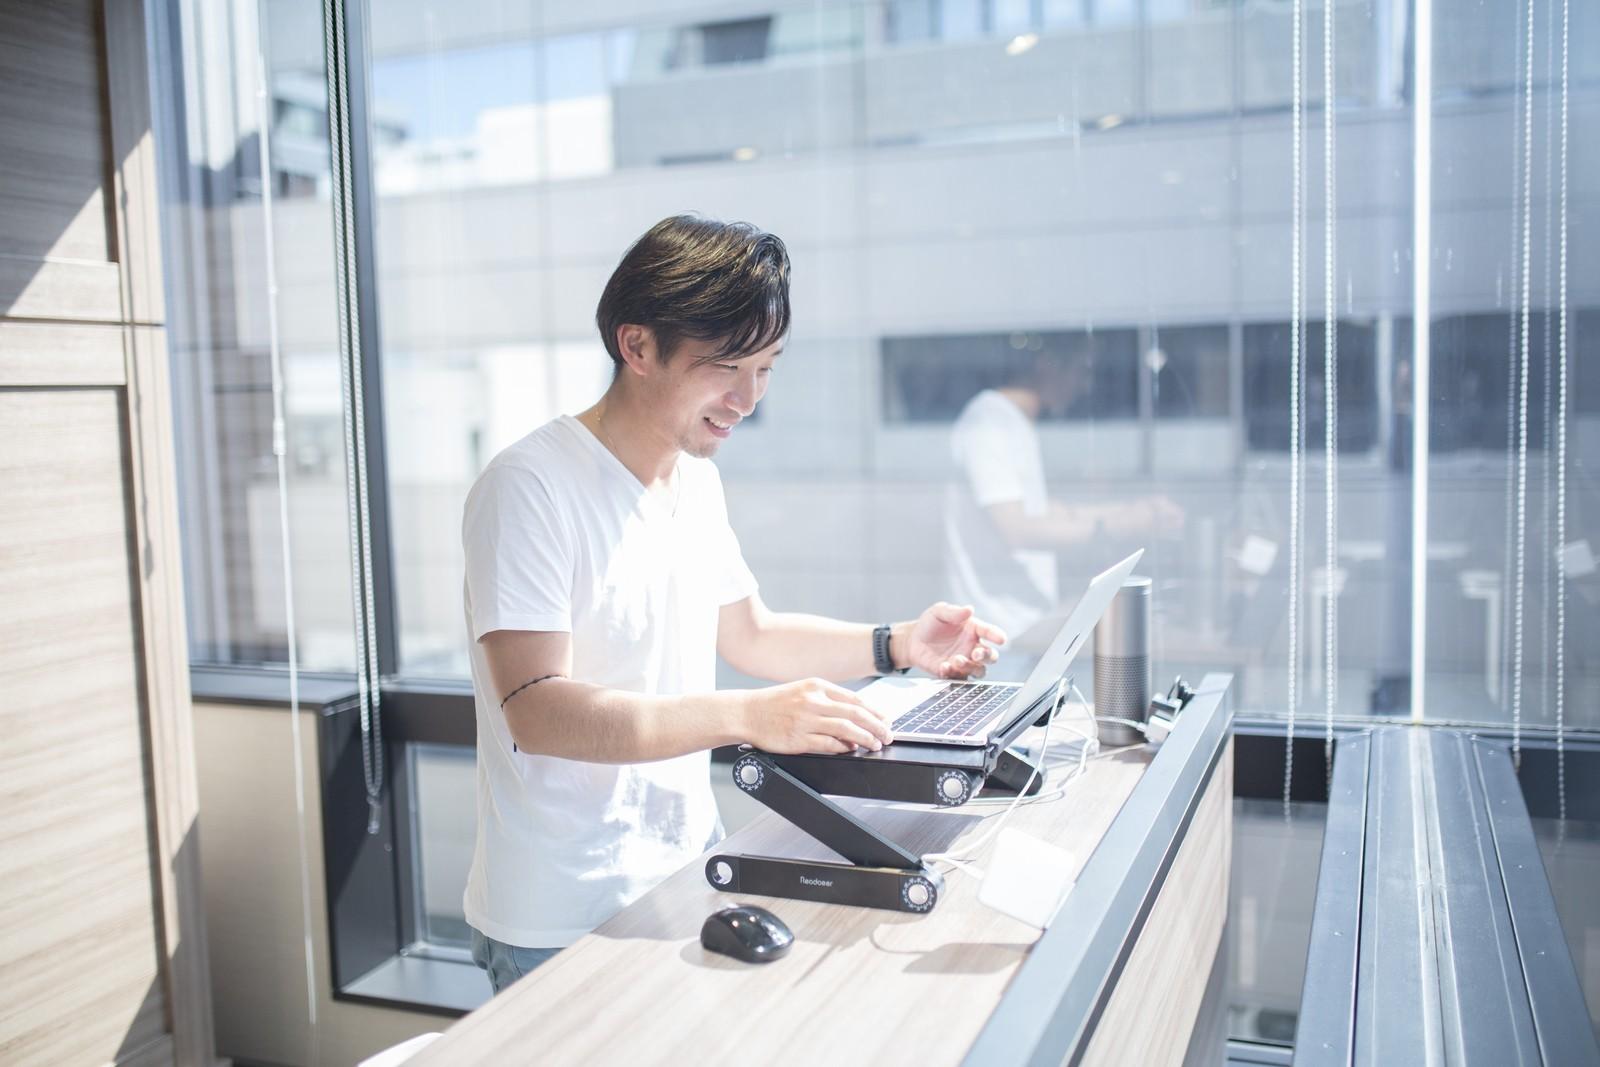 【完全自社・残業時間は5時間以下】SaaSベンチャーでテックリードやりませんか?ビジネスコラボツール「Aipo」の開発エンジニア募集!